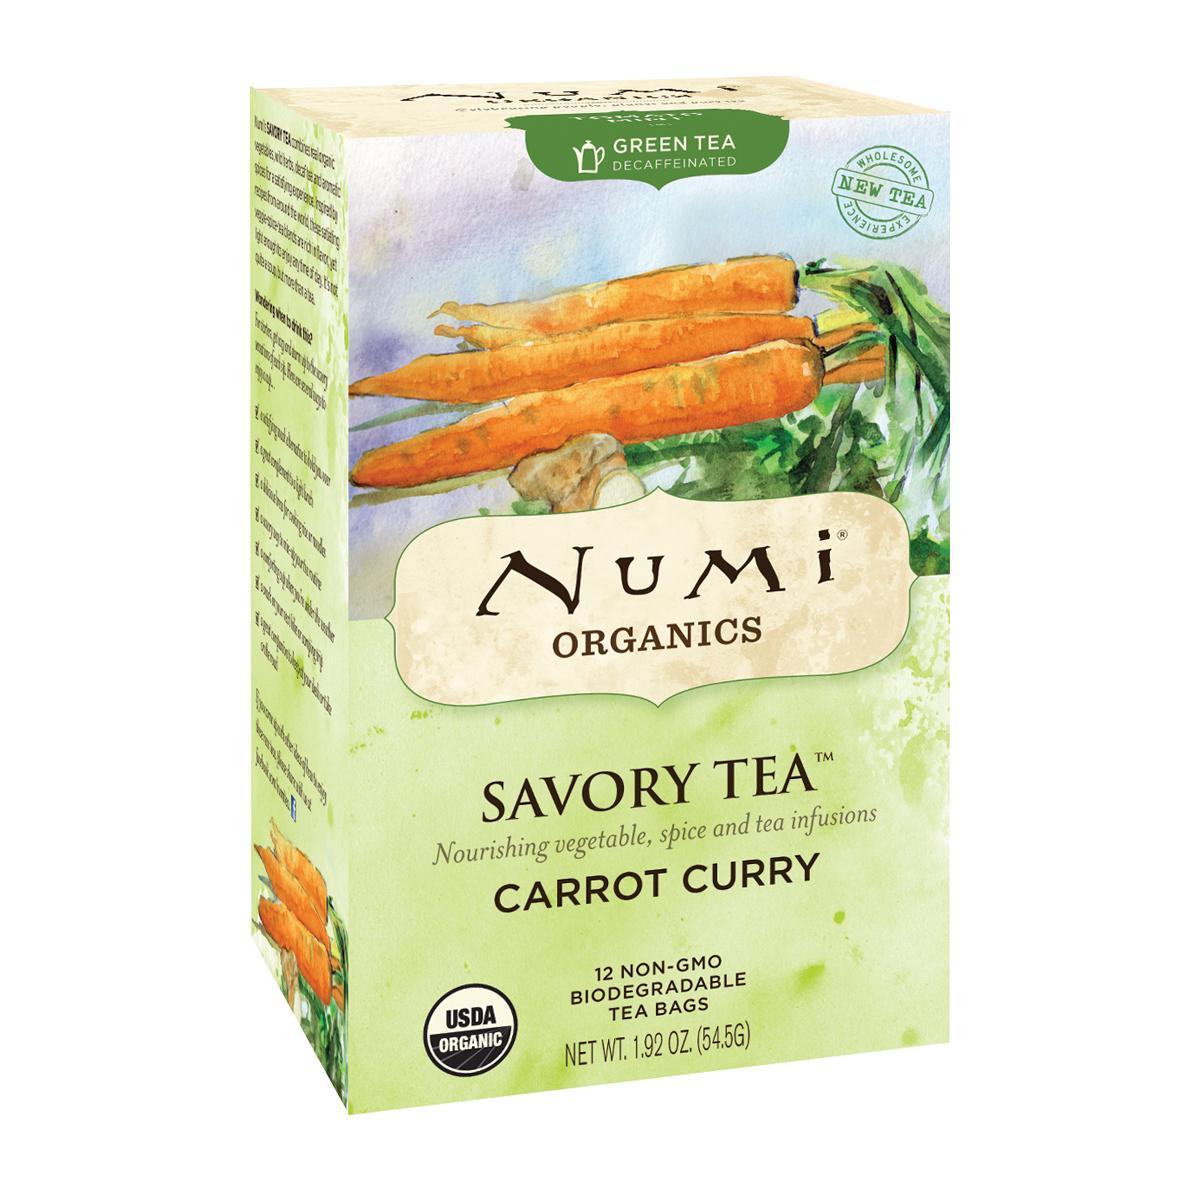 Numi Kořeněný čaj Carrot Curry, Savory Tea 12 ks, 54,5 g